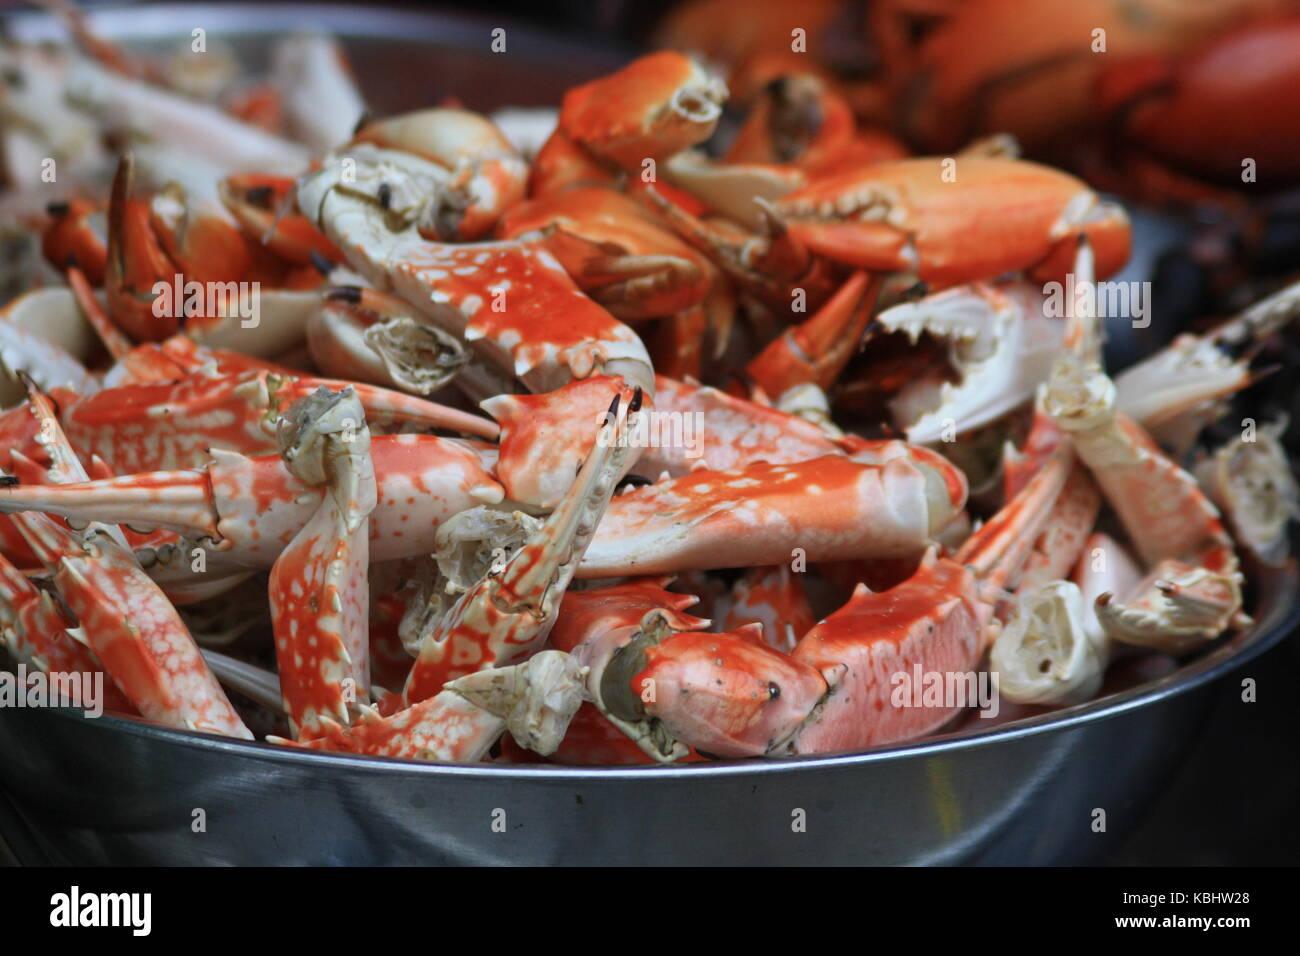 Krebsscheren auf Markt in Vietnam - Crabs - Stock Image